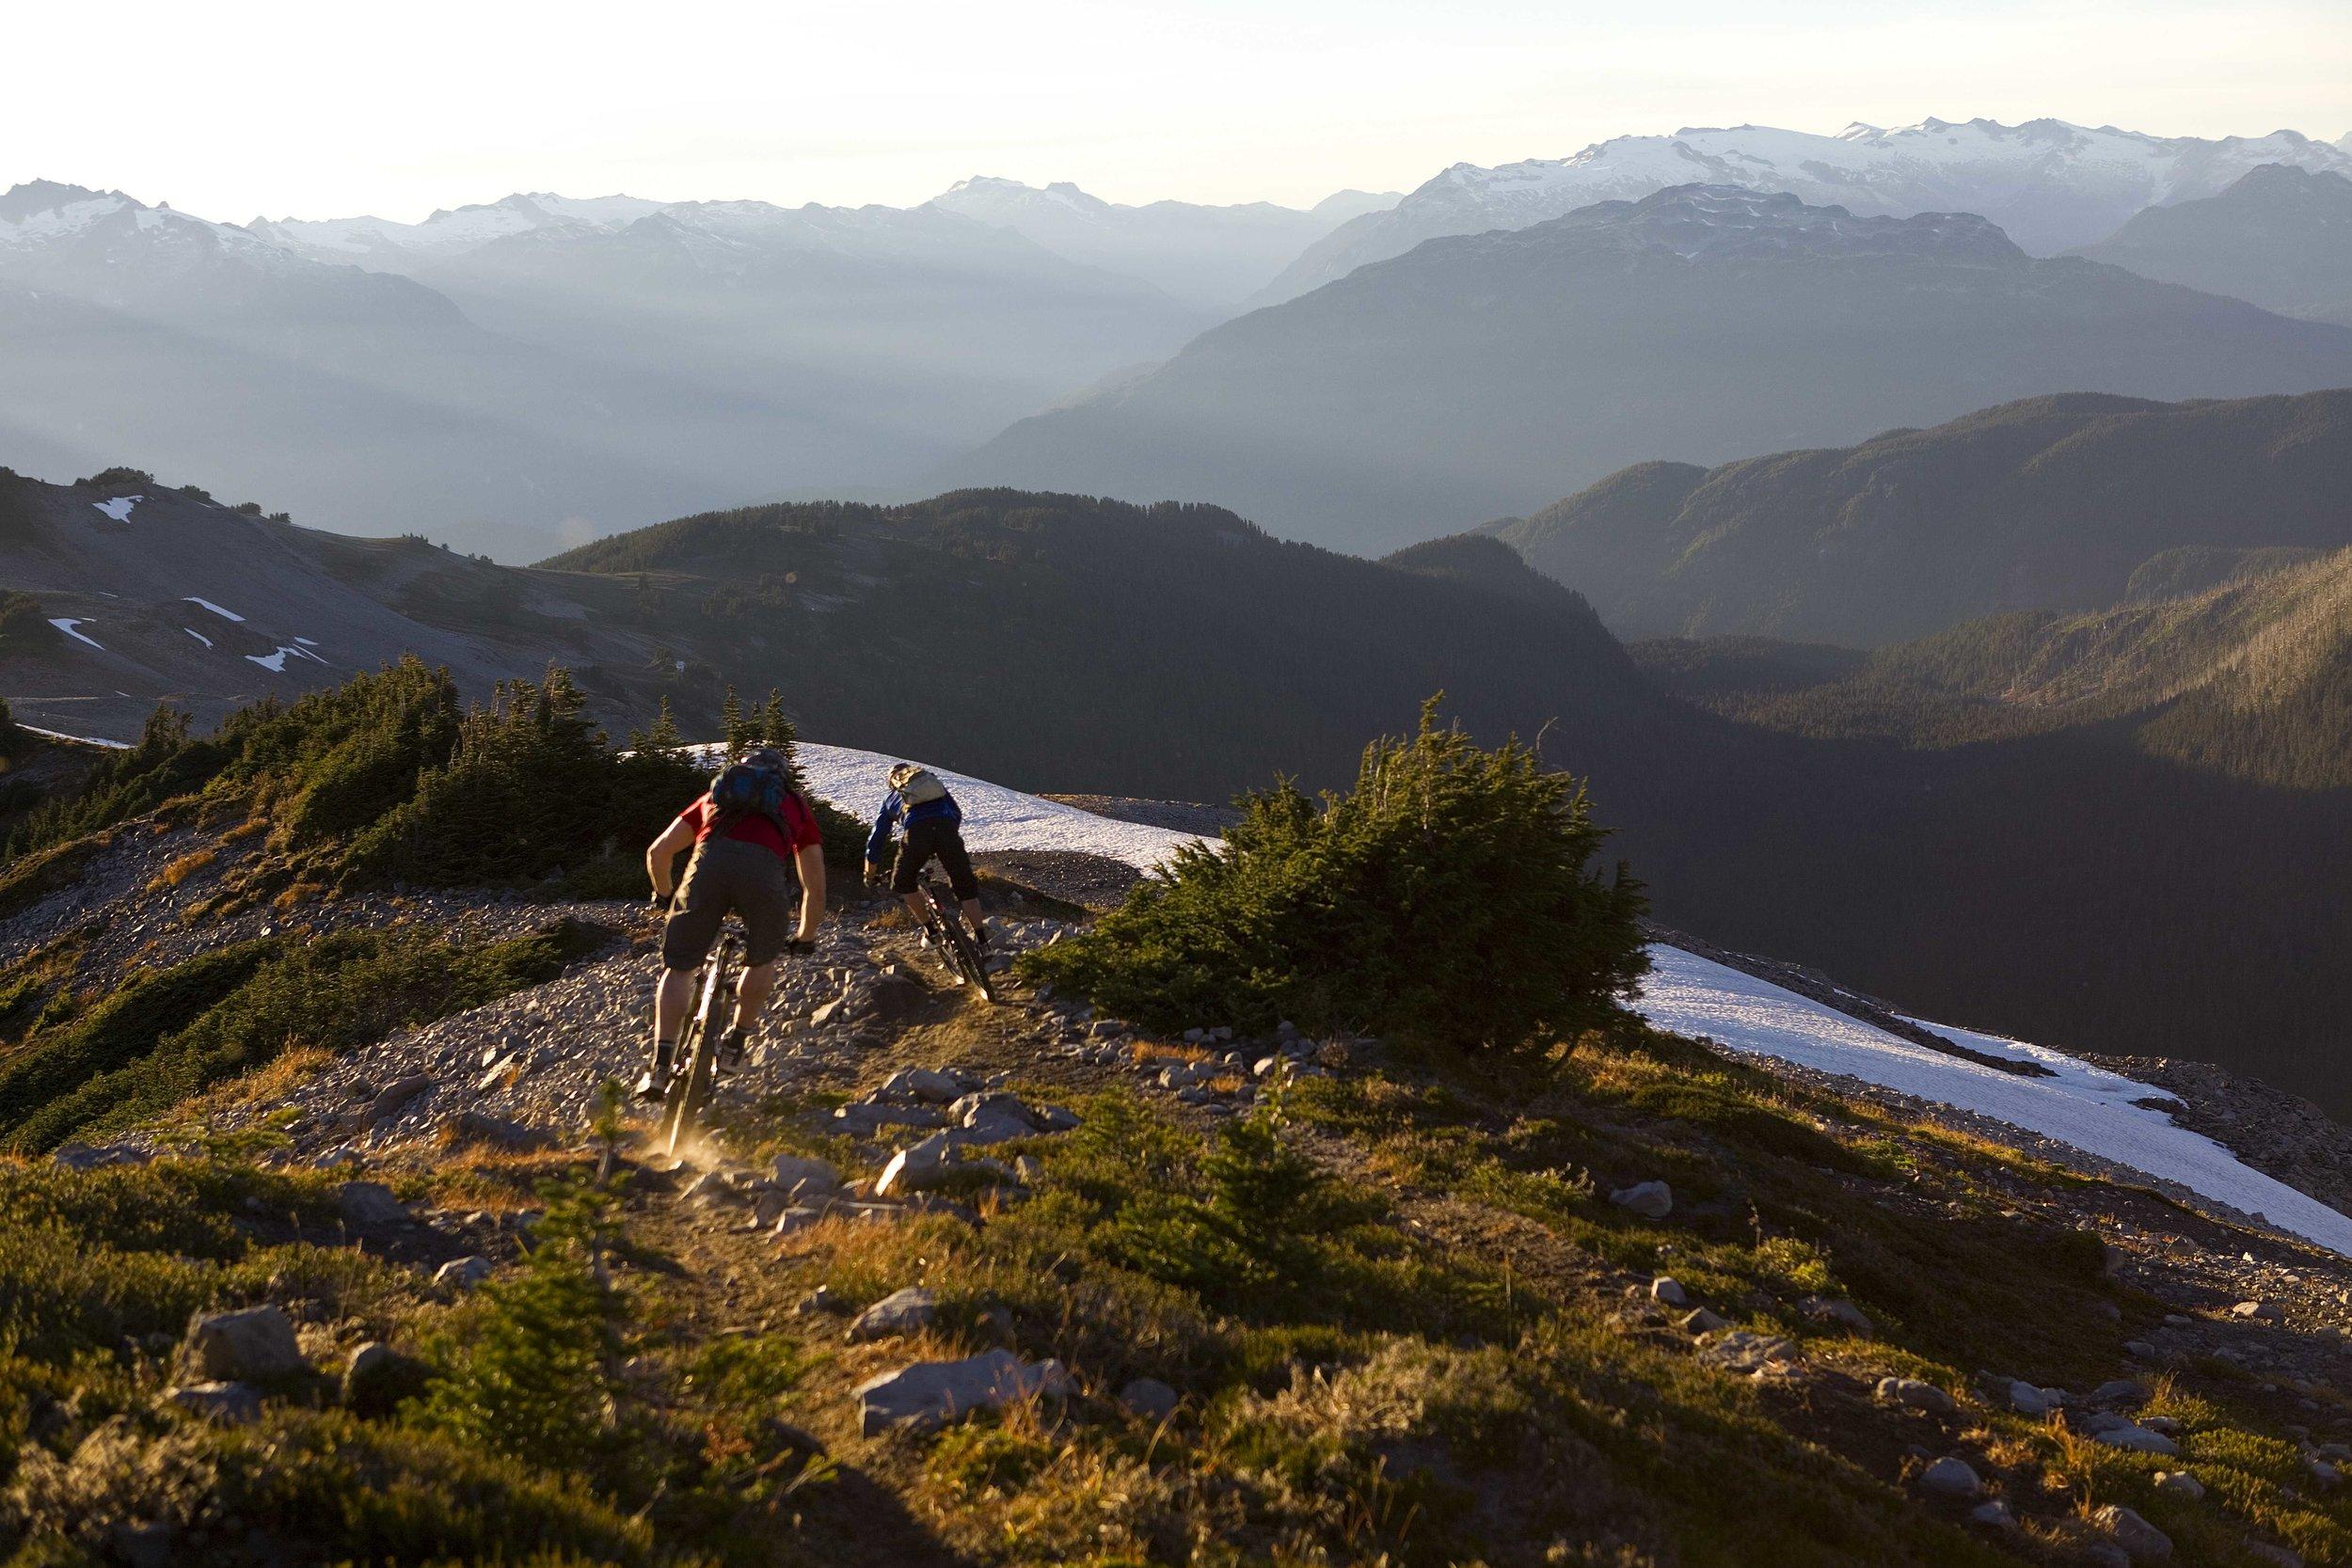 cc_mountain_bikers_d_hM9SN.jpg